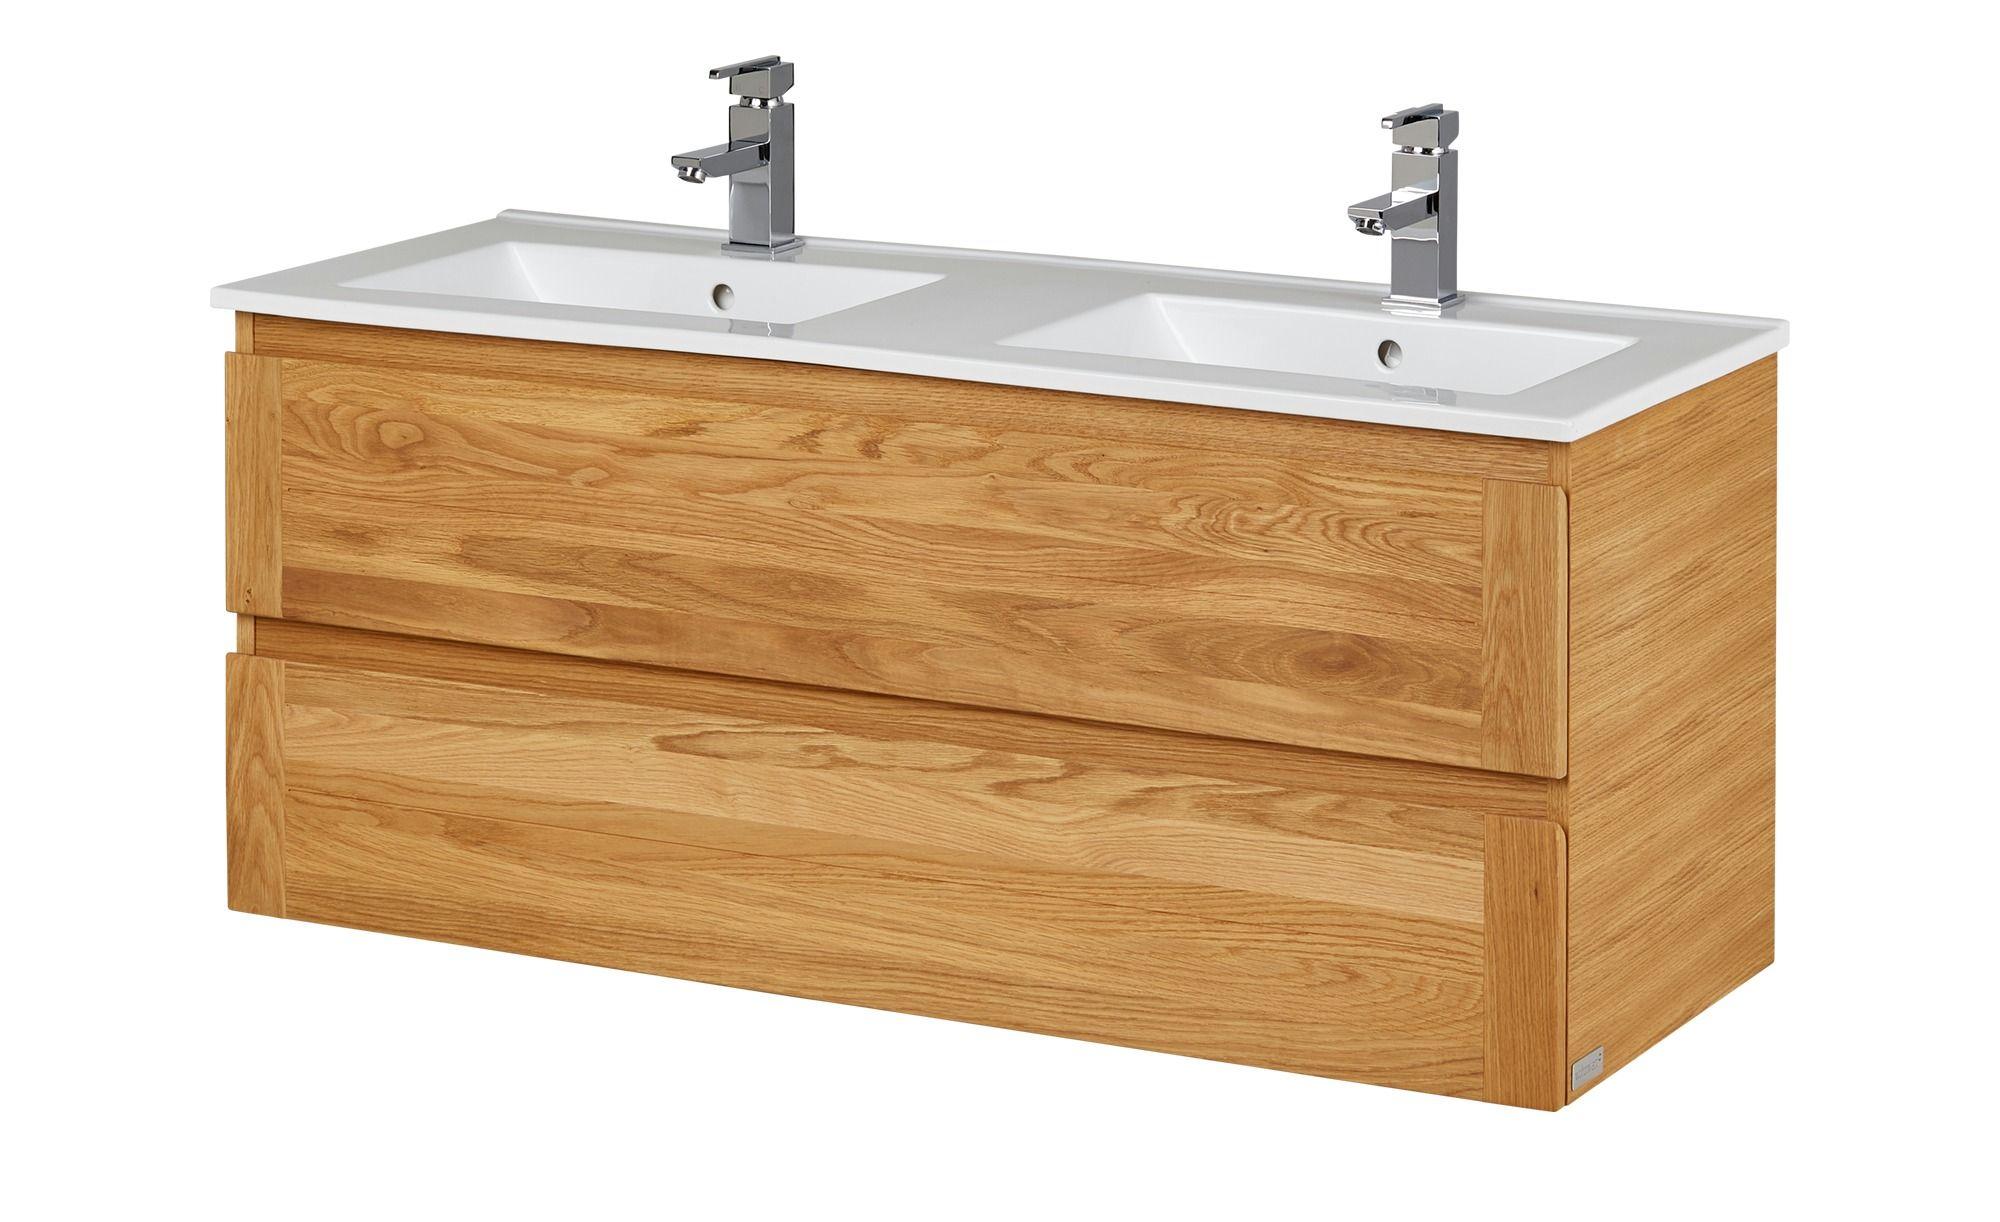 Wohnwert Bad-Doppel-Waschtischkombination Capri Jetzt bestellen ...